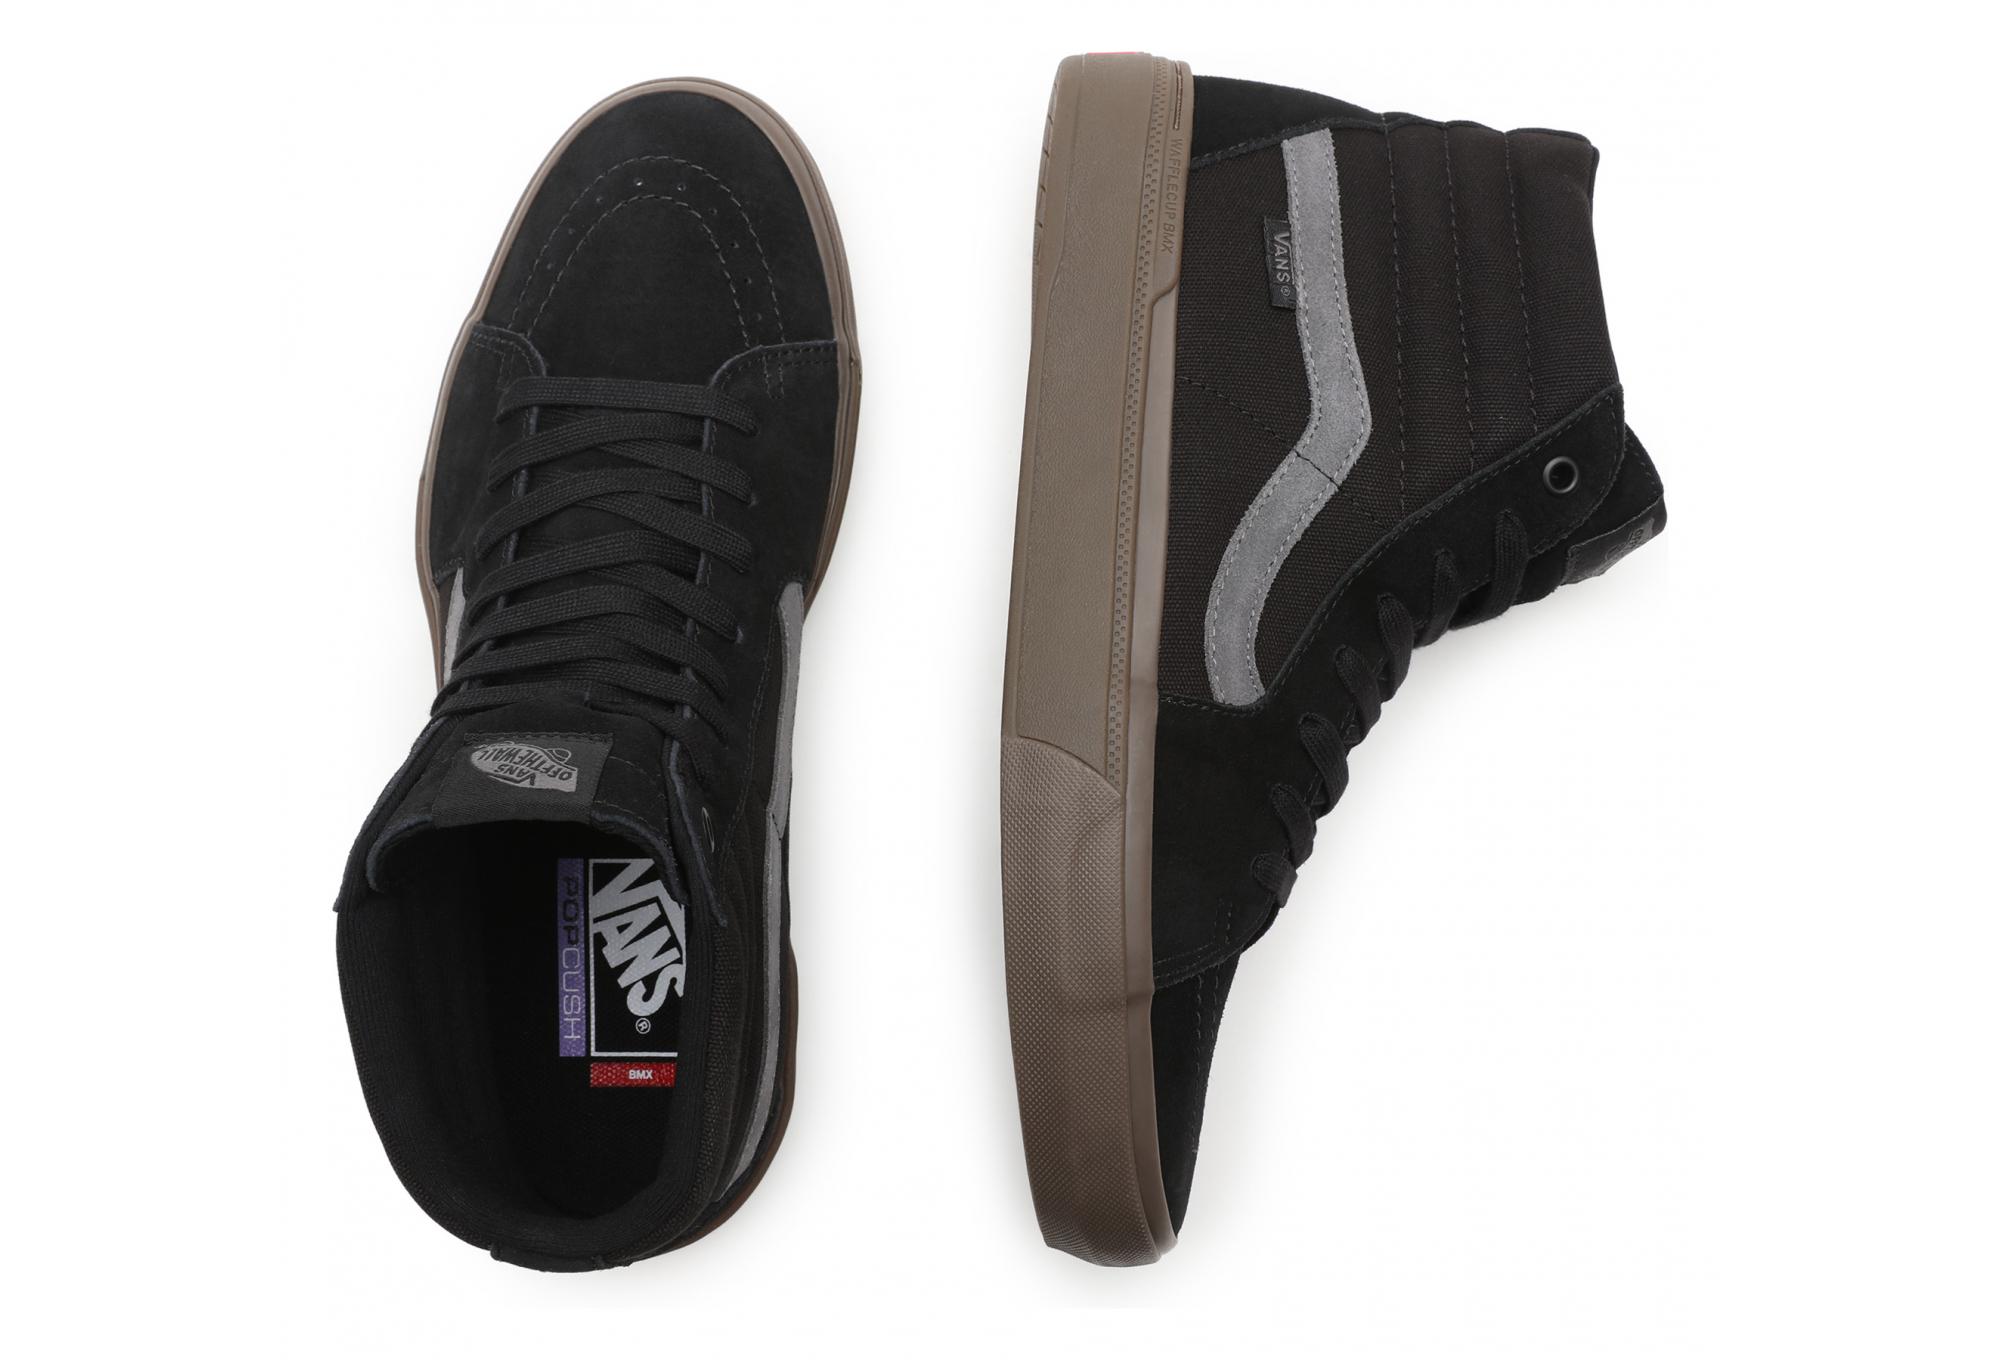 Vans SK8-Hi BMX Shoes Black / Dark Gum